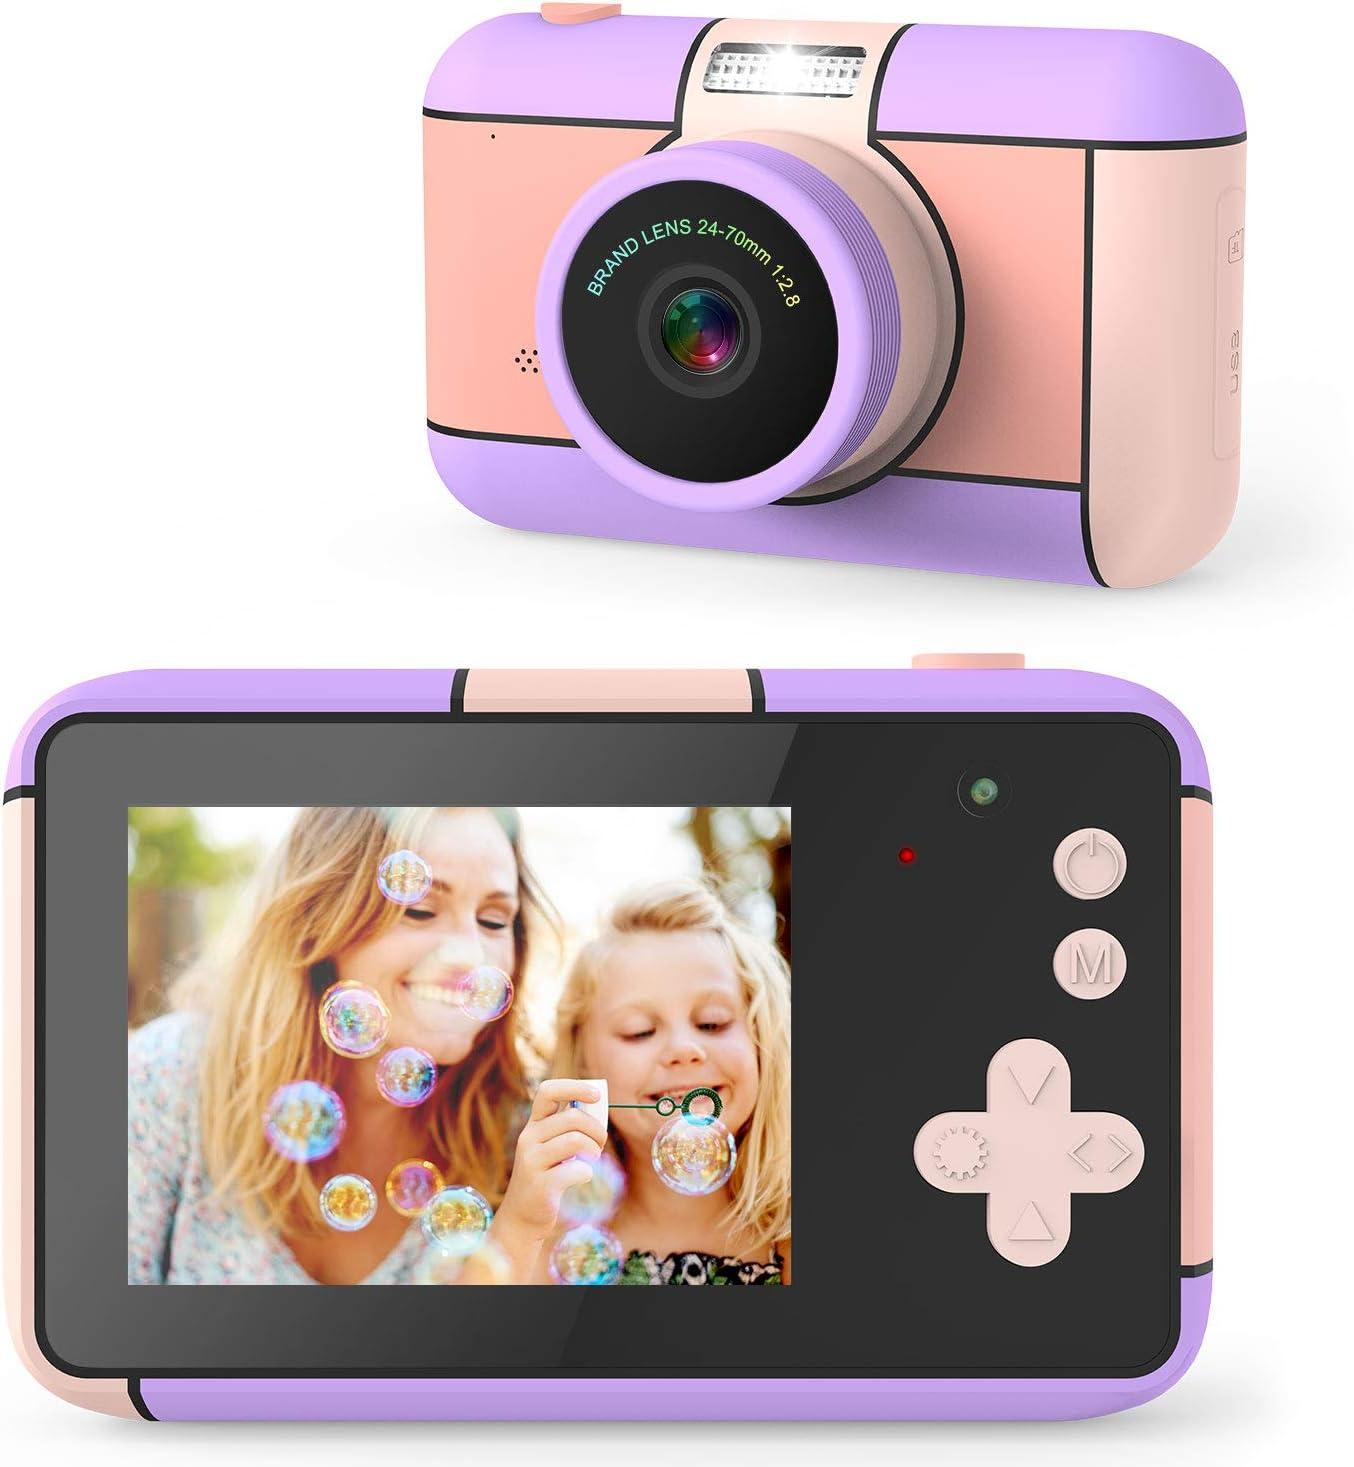 joylink Cámara para Niños, Cámara de Fotos para Niños Cámara Selfie de 12 MP Cámara Digitale para Niños con Video 1080P HD y Tarjeta de Memoria de 32GB